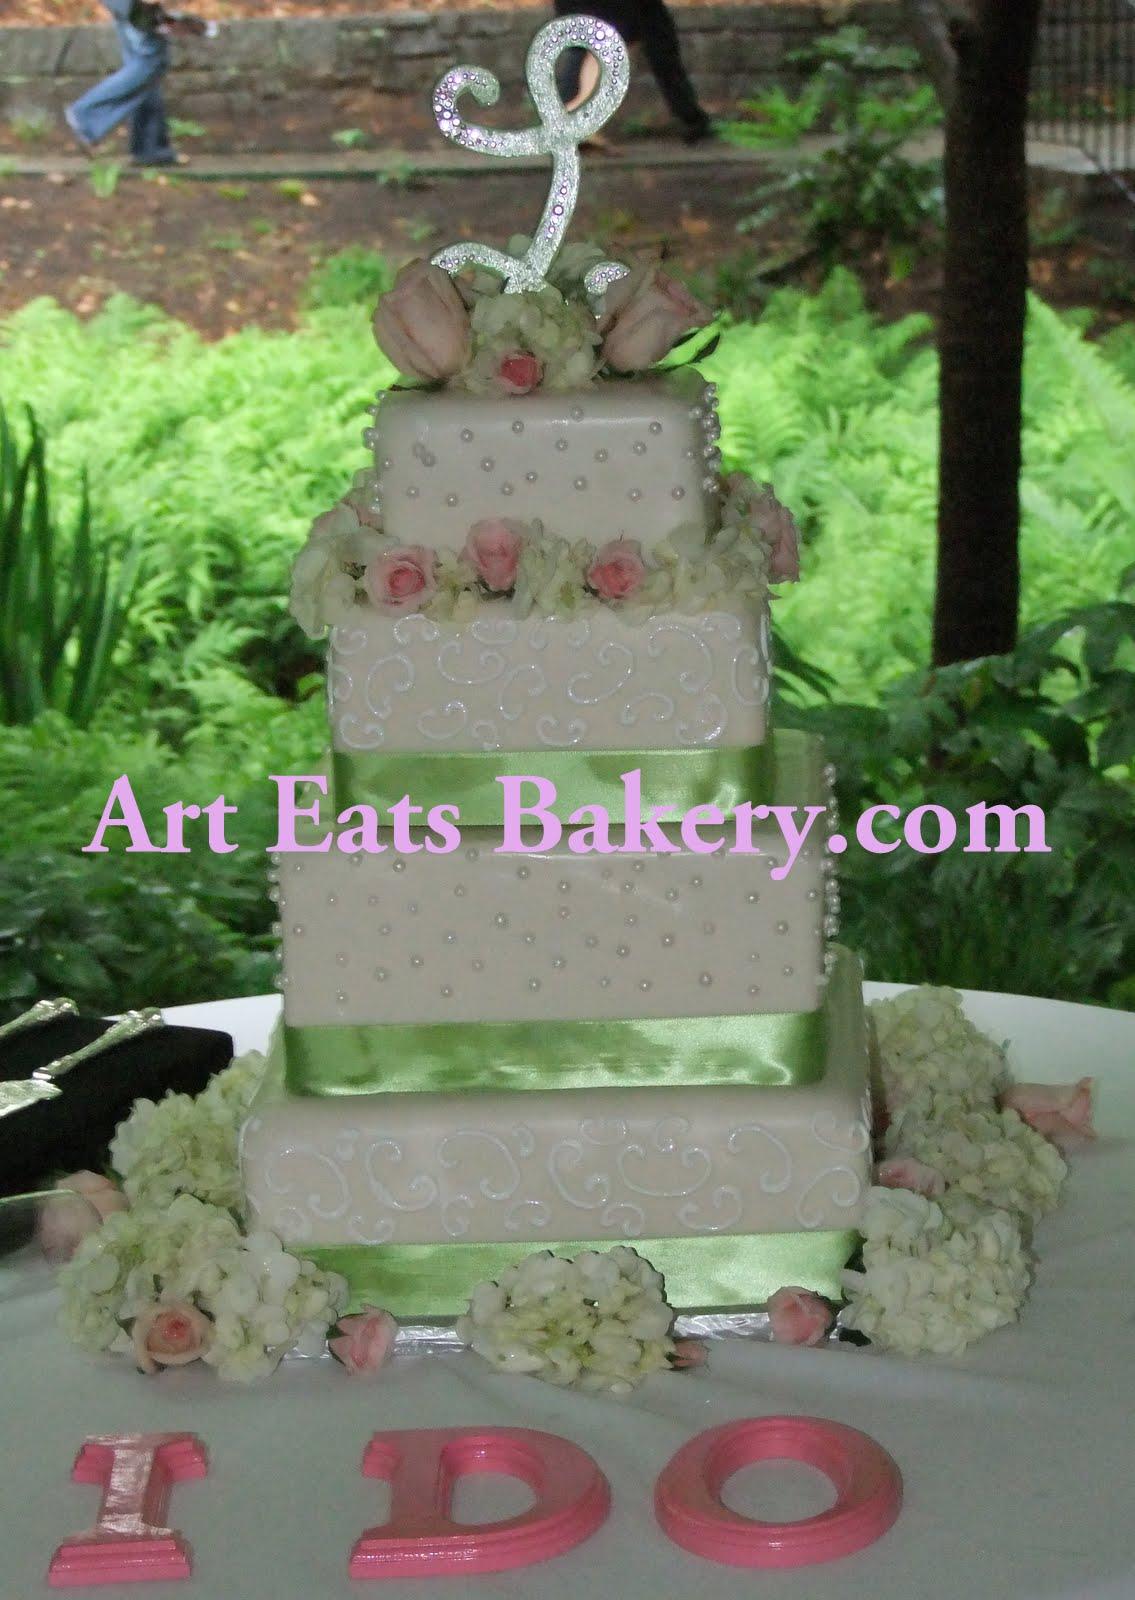 >Unique custom square wedding cake designs arteatsbakery